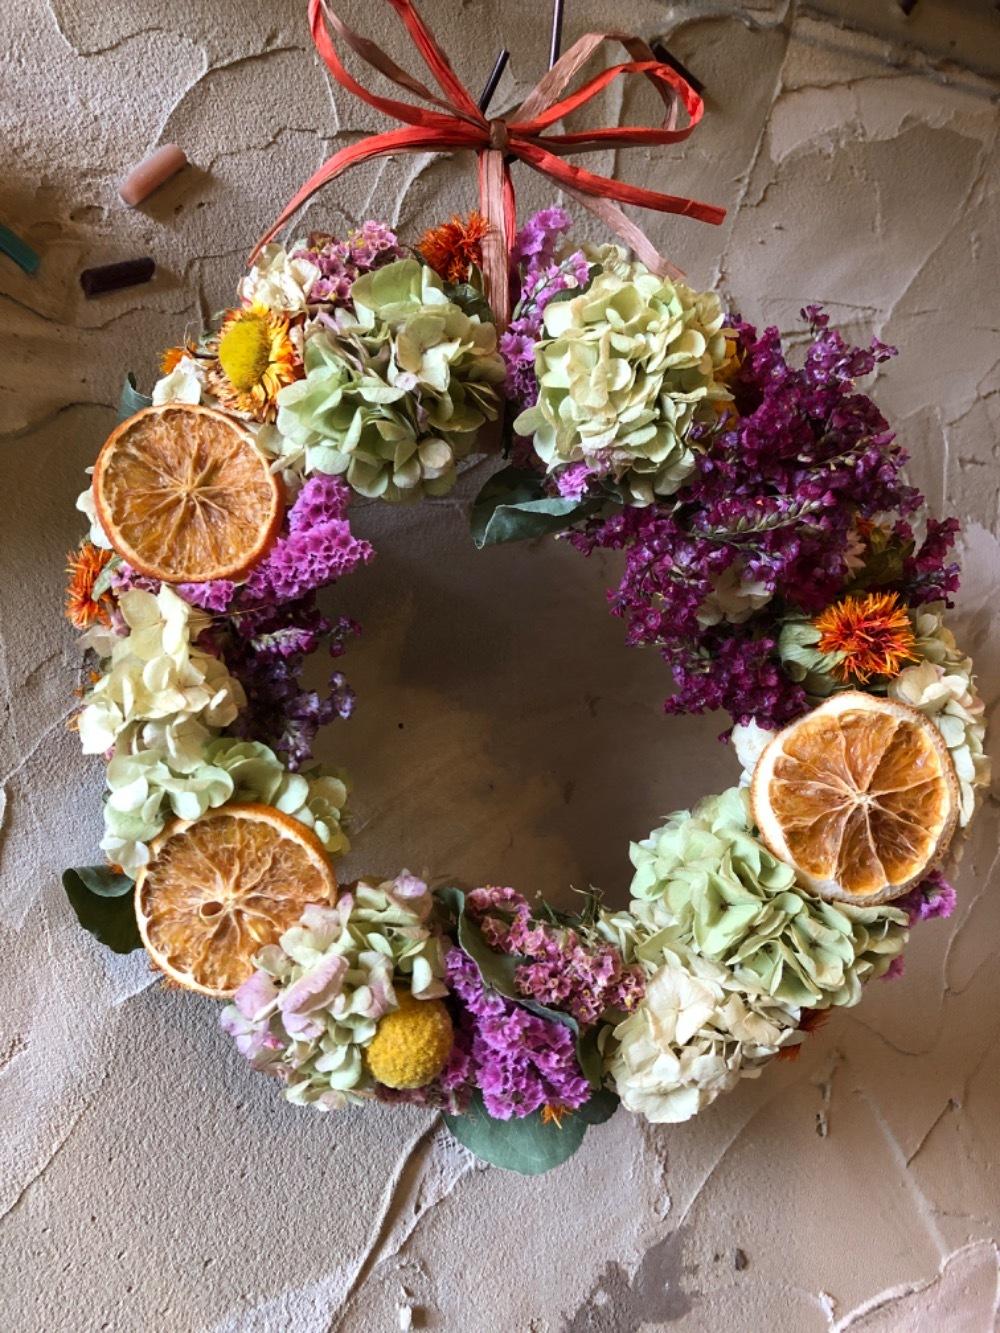 「ドライのフルーツが印象的」生ジュース店さまへの開店祝い花